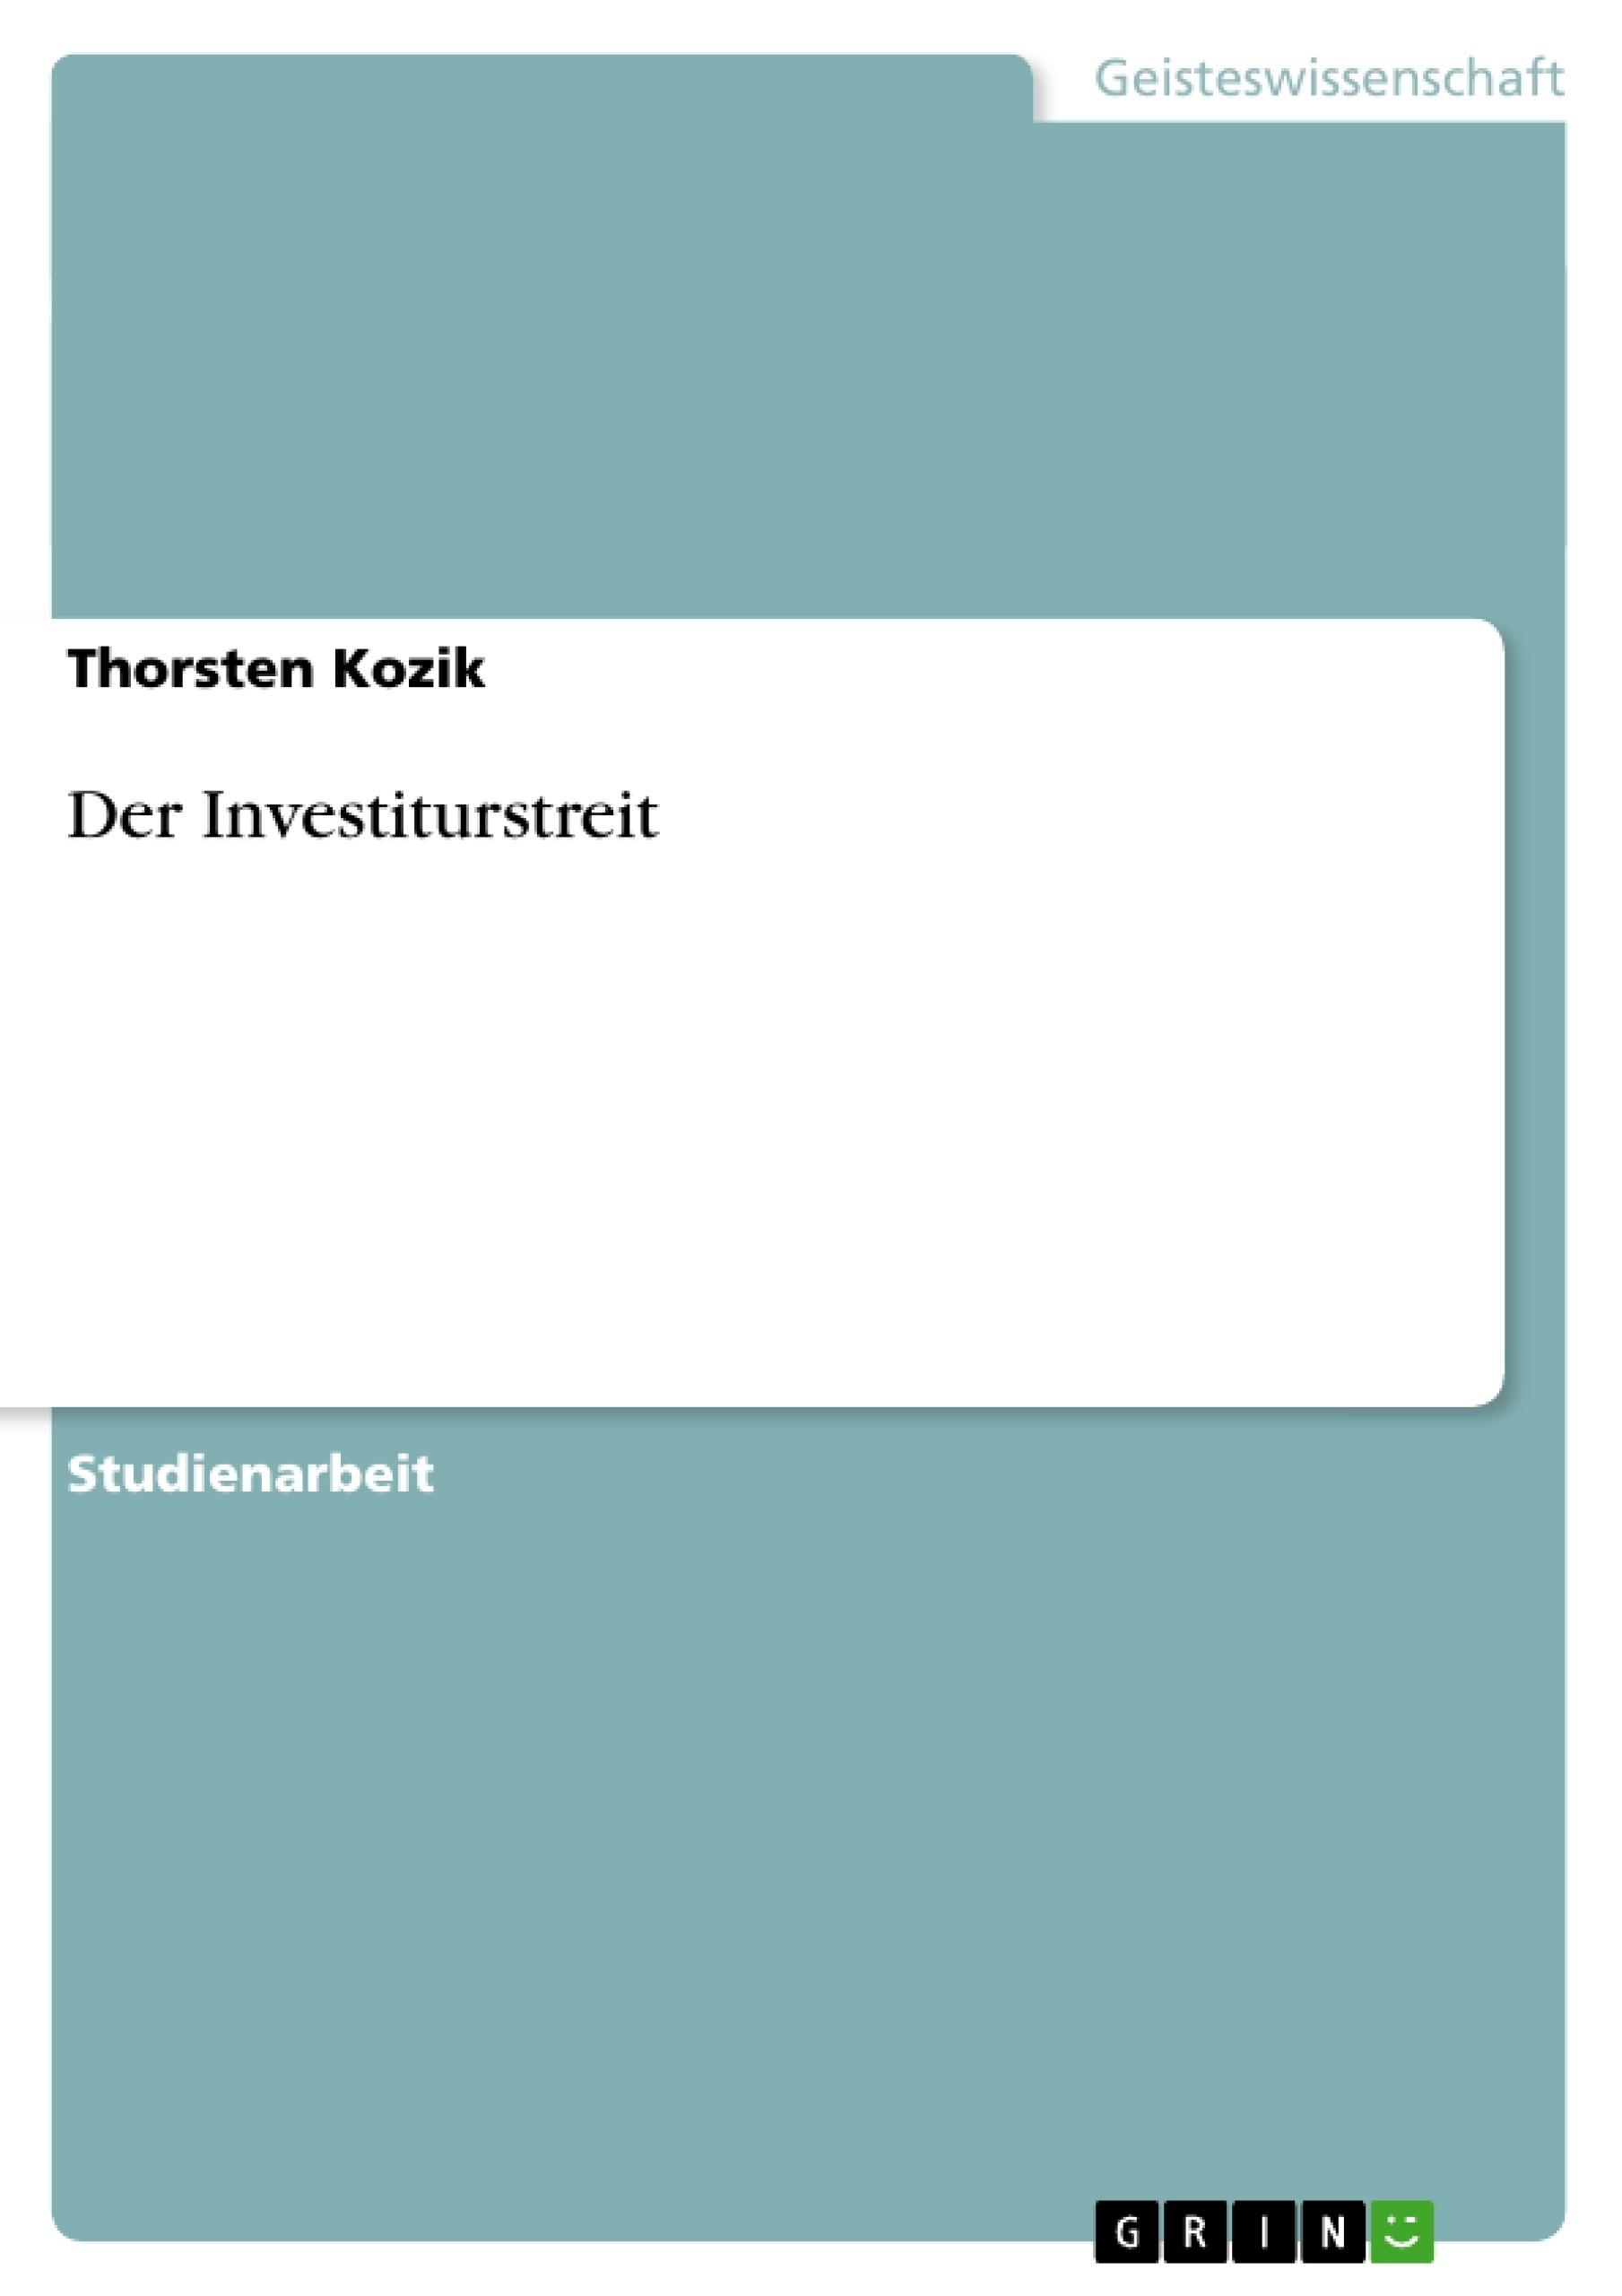 Titel: Der Investiturstreit